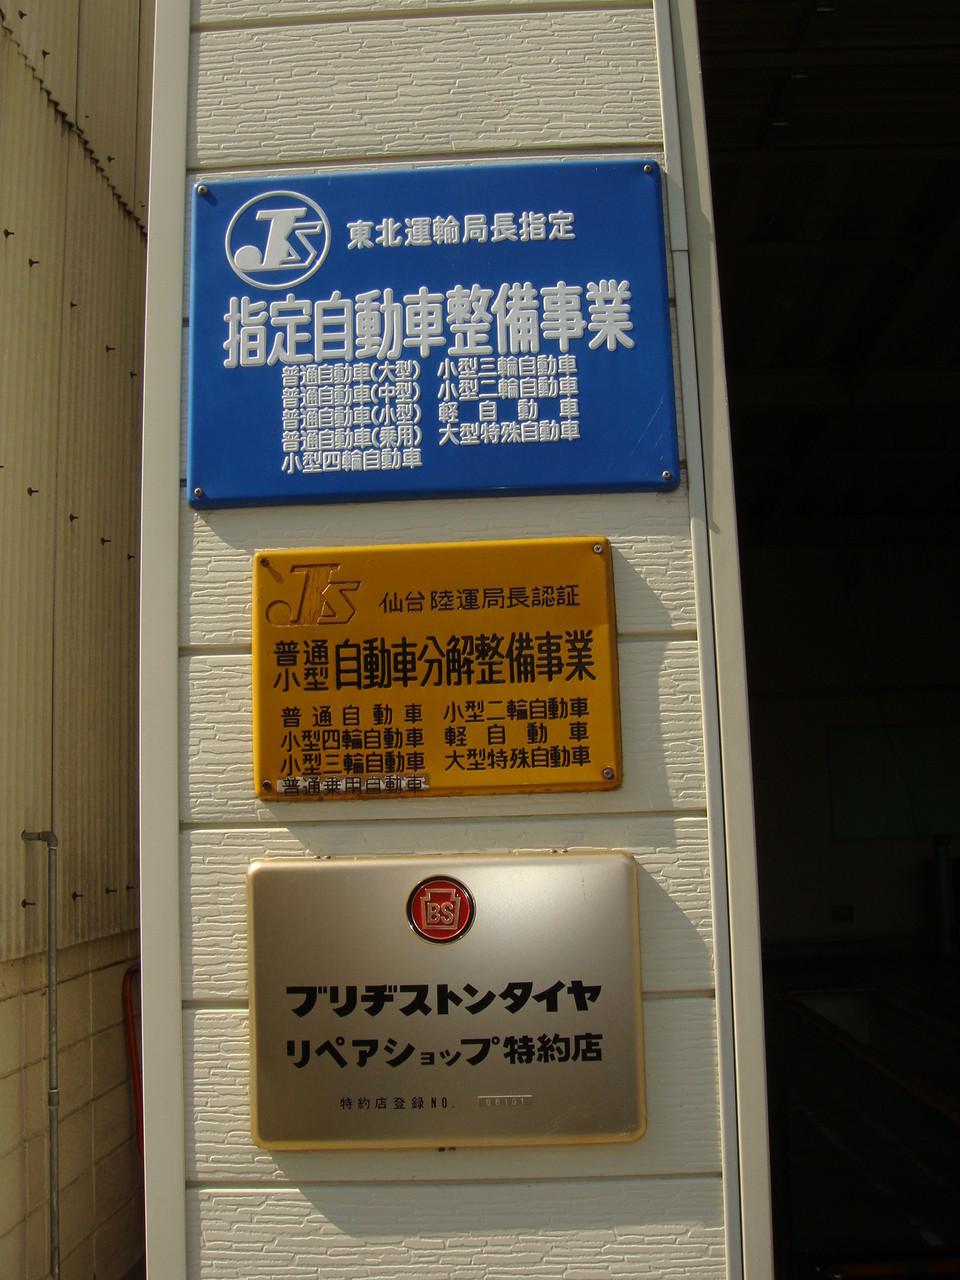 東北運輸局長指定民間車検工場